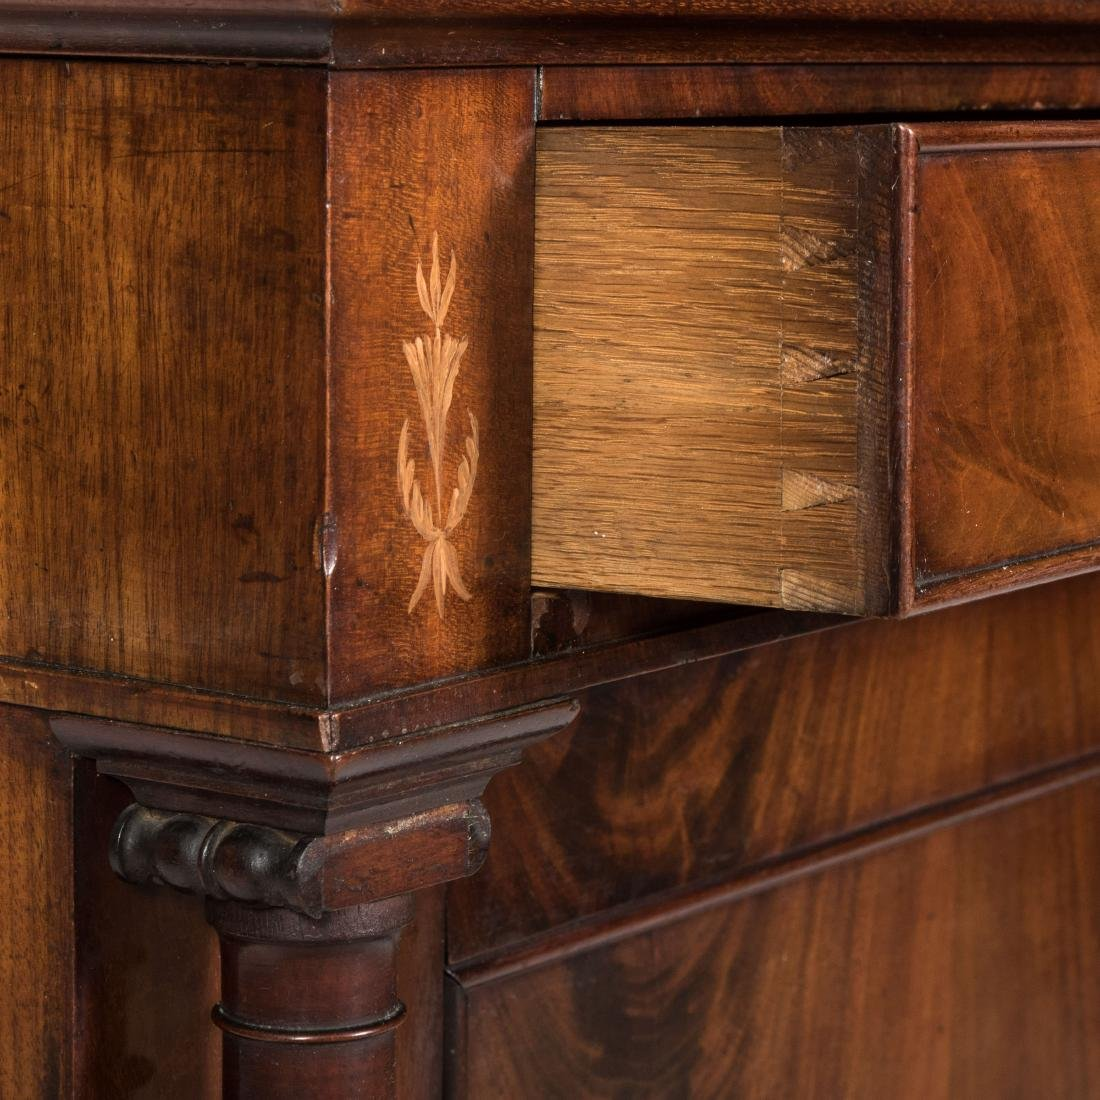 Inlaid Mahogany Antique Cabinet - 2